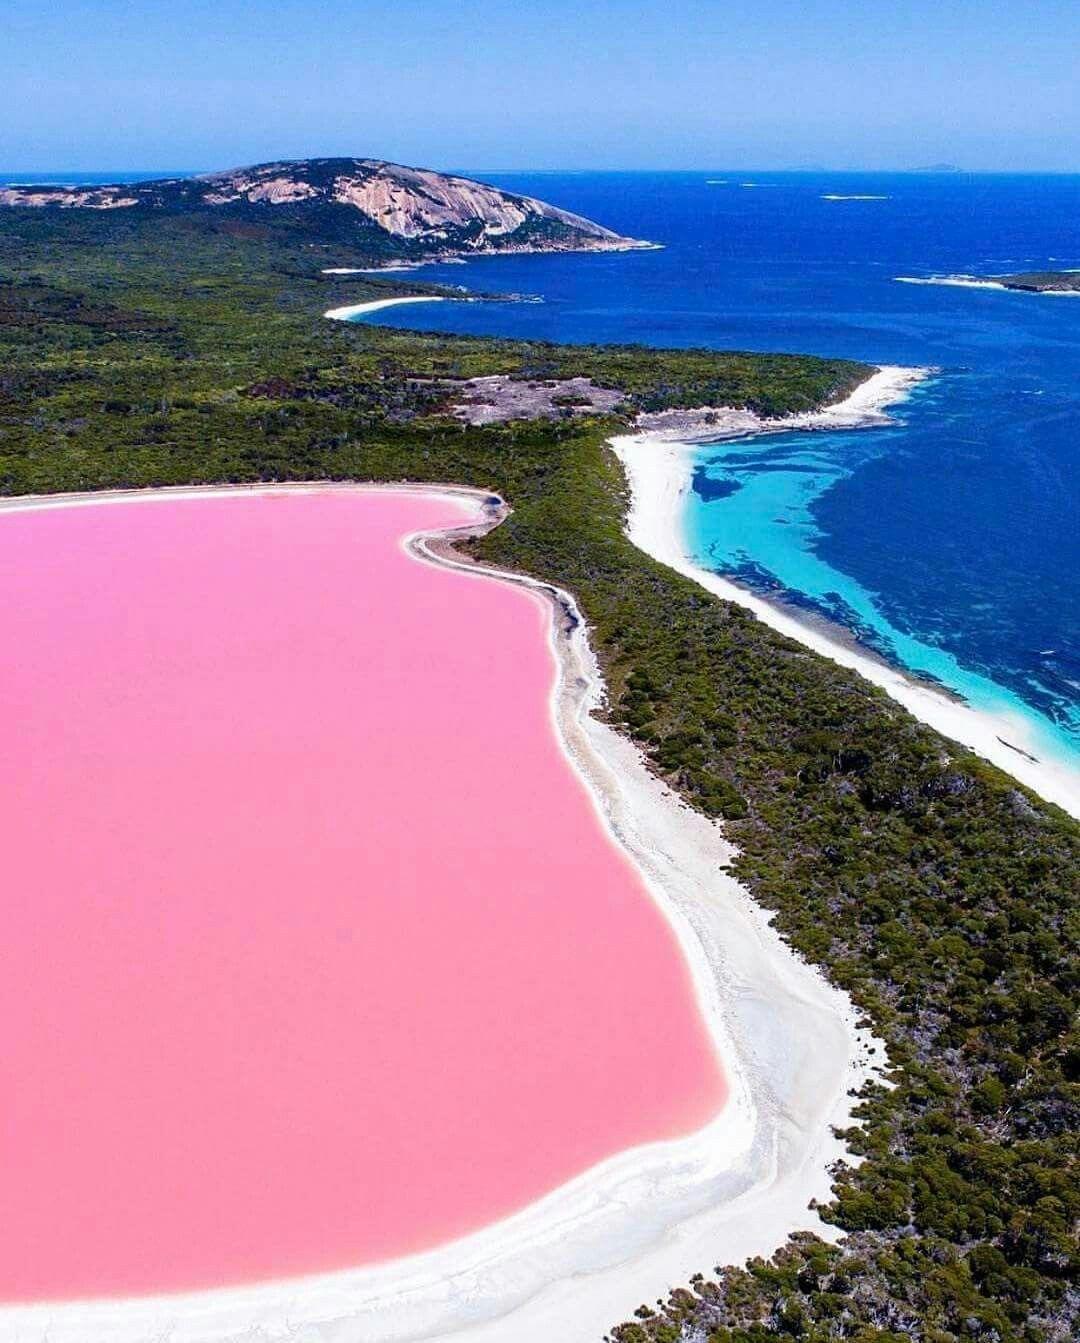 Pink Salt Lake Western Australia Photo By Salty Wings